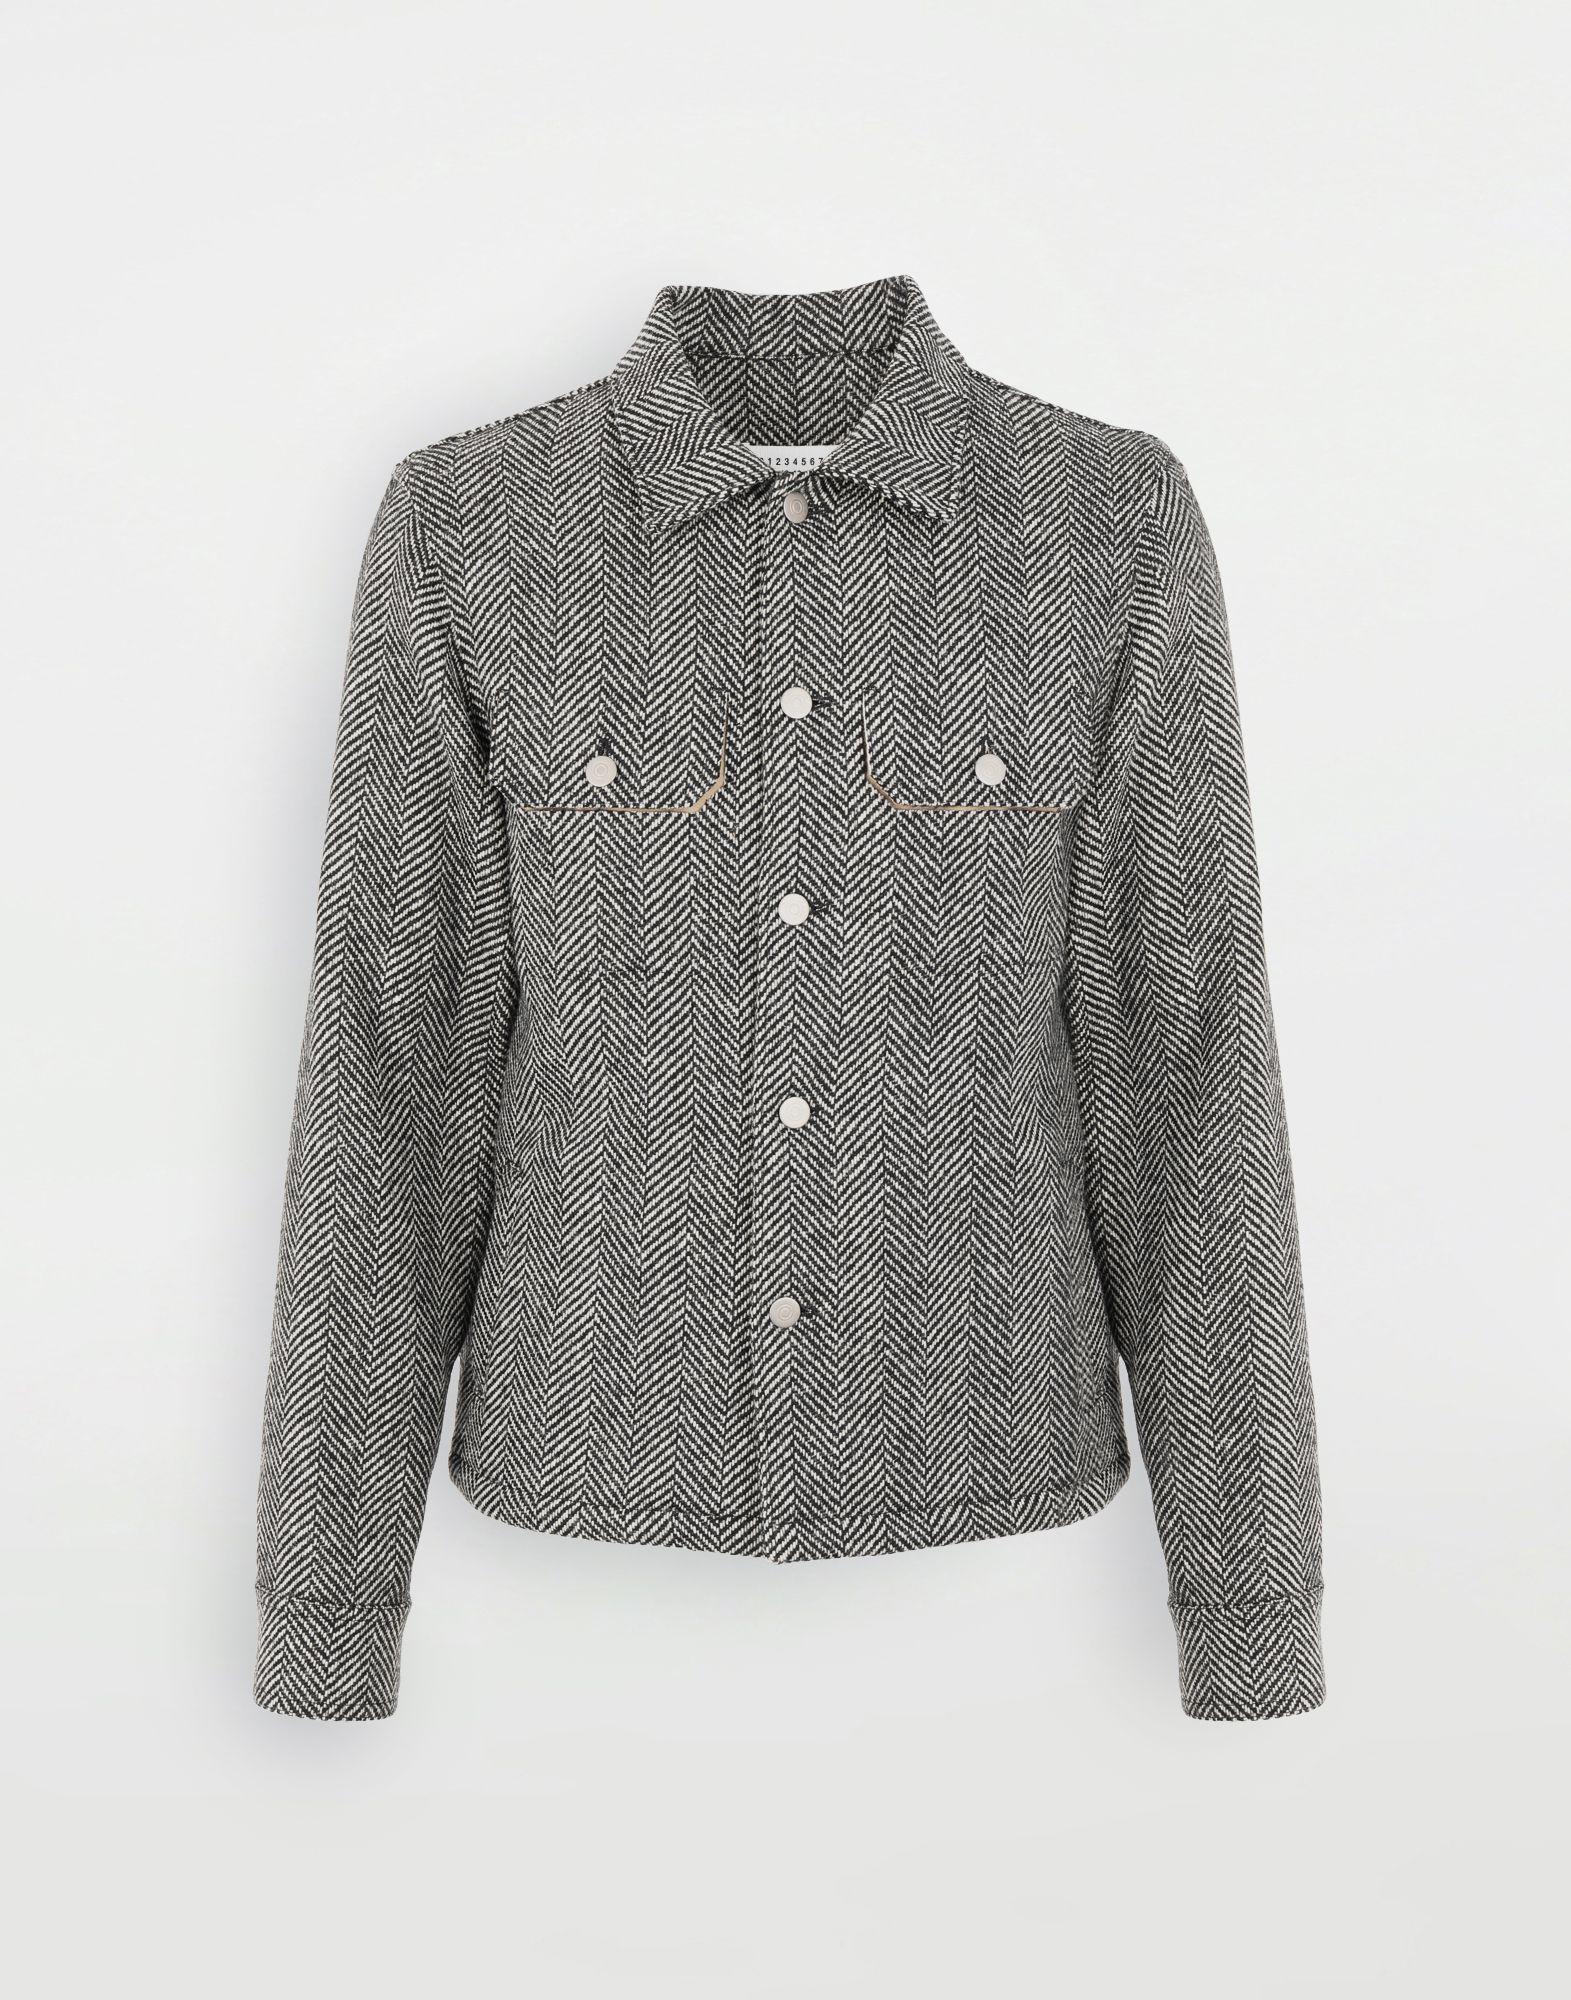 MAISON MARGIELA Пиджак в ёлочку в технике Décortiqué Куртка Для Мужчин f